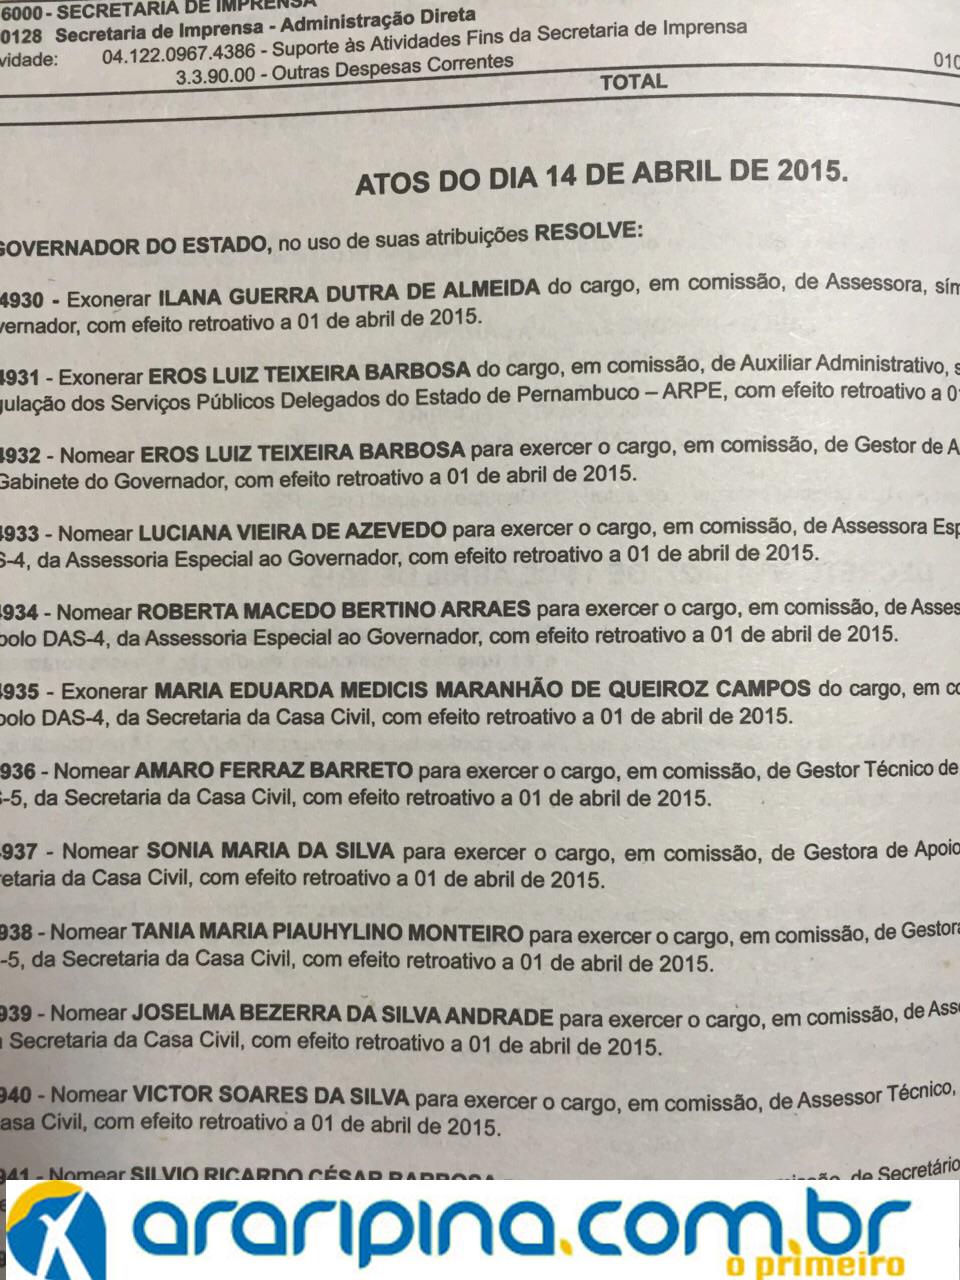 Publicação de Termo de Nomeação de Roberta Arraes a Assessoria Especial